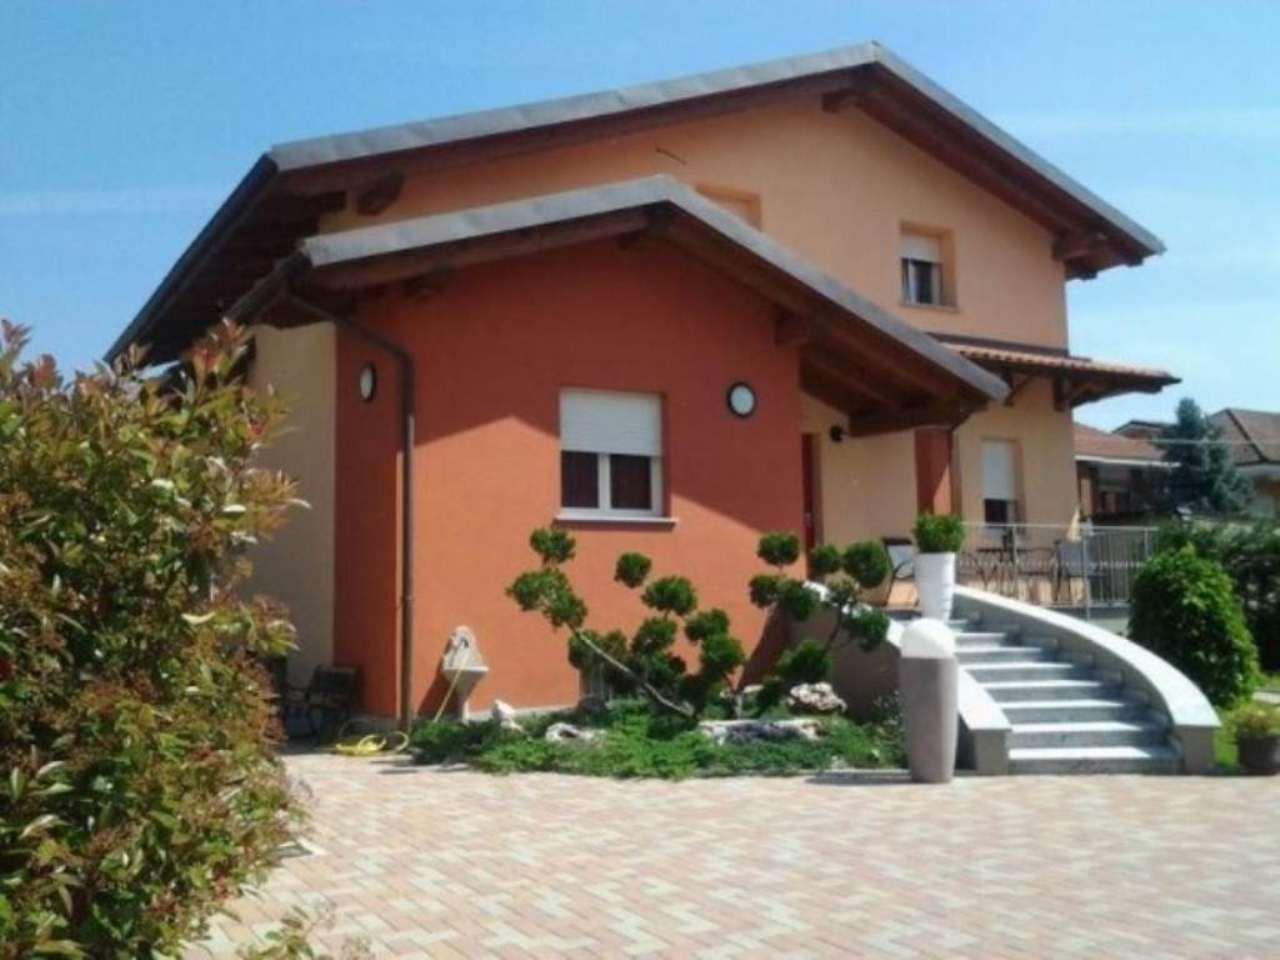 Villa in vendita a Santena, 6 locali, prezzo € 840.000   Cambio Casa.it